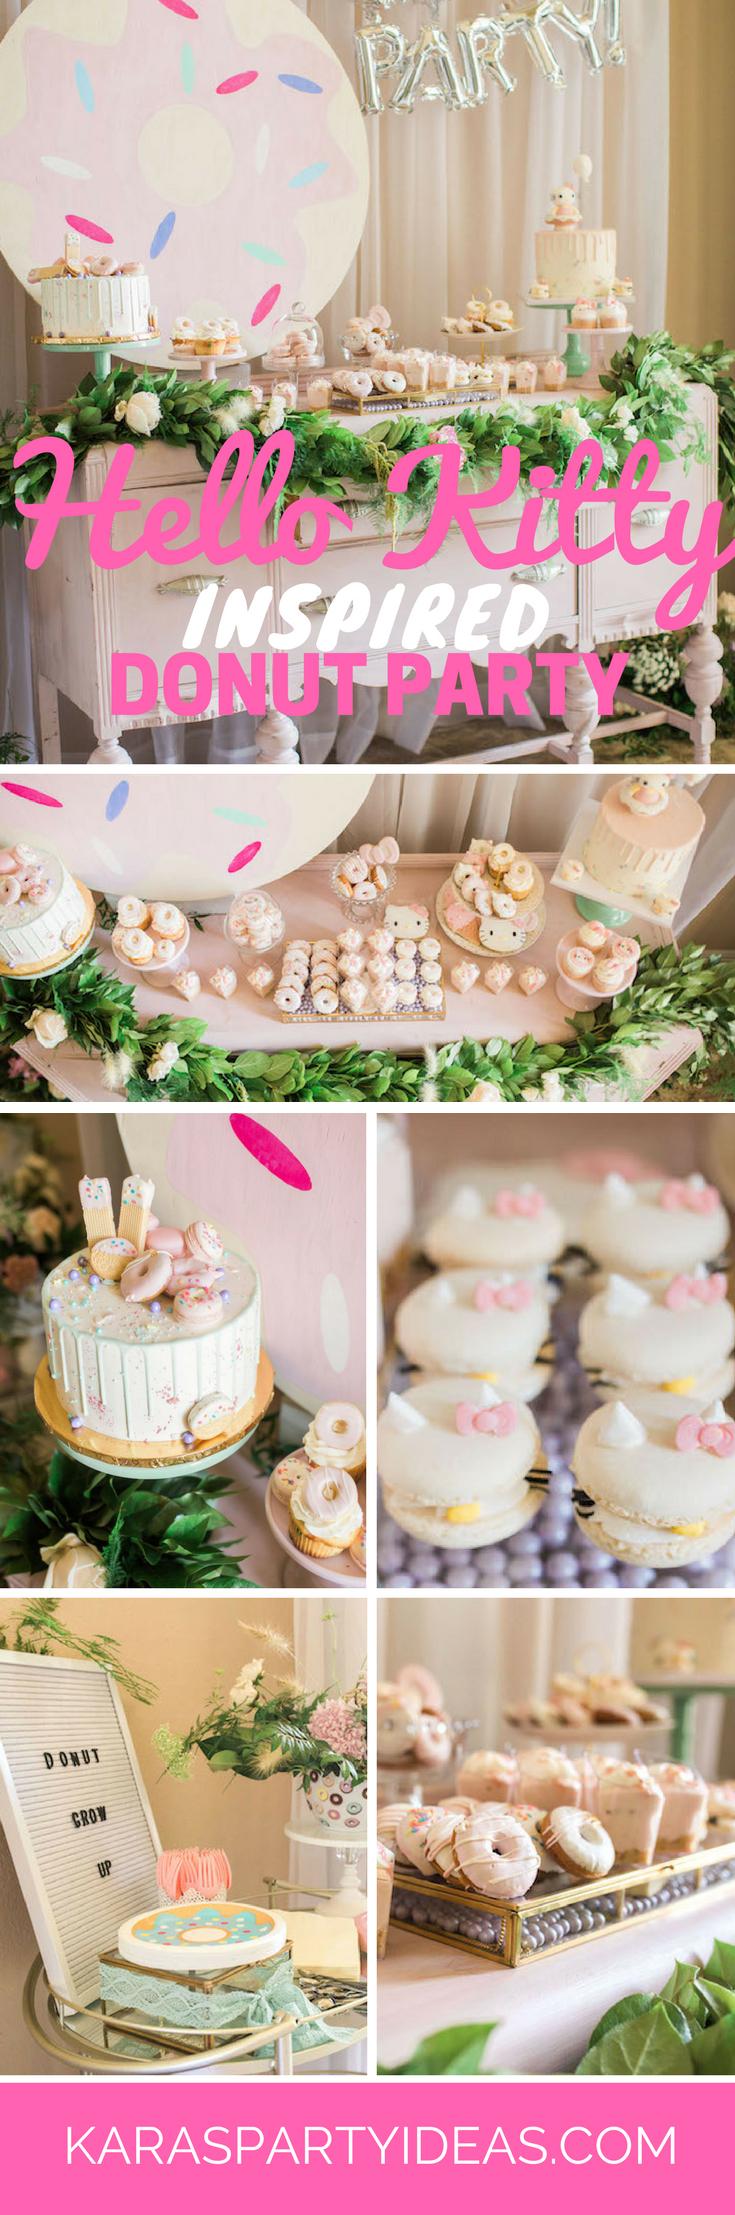 Hello Kitty Inspired Donut Party via Kara's Party Ideas - KarasPartyIdeas.com